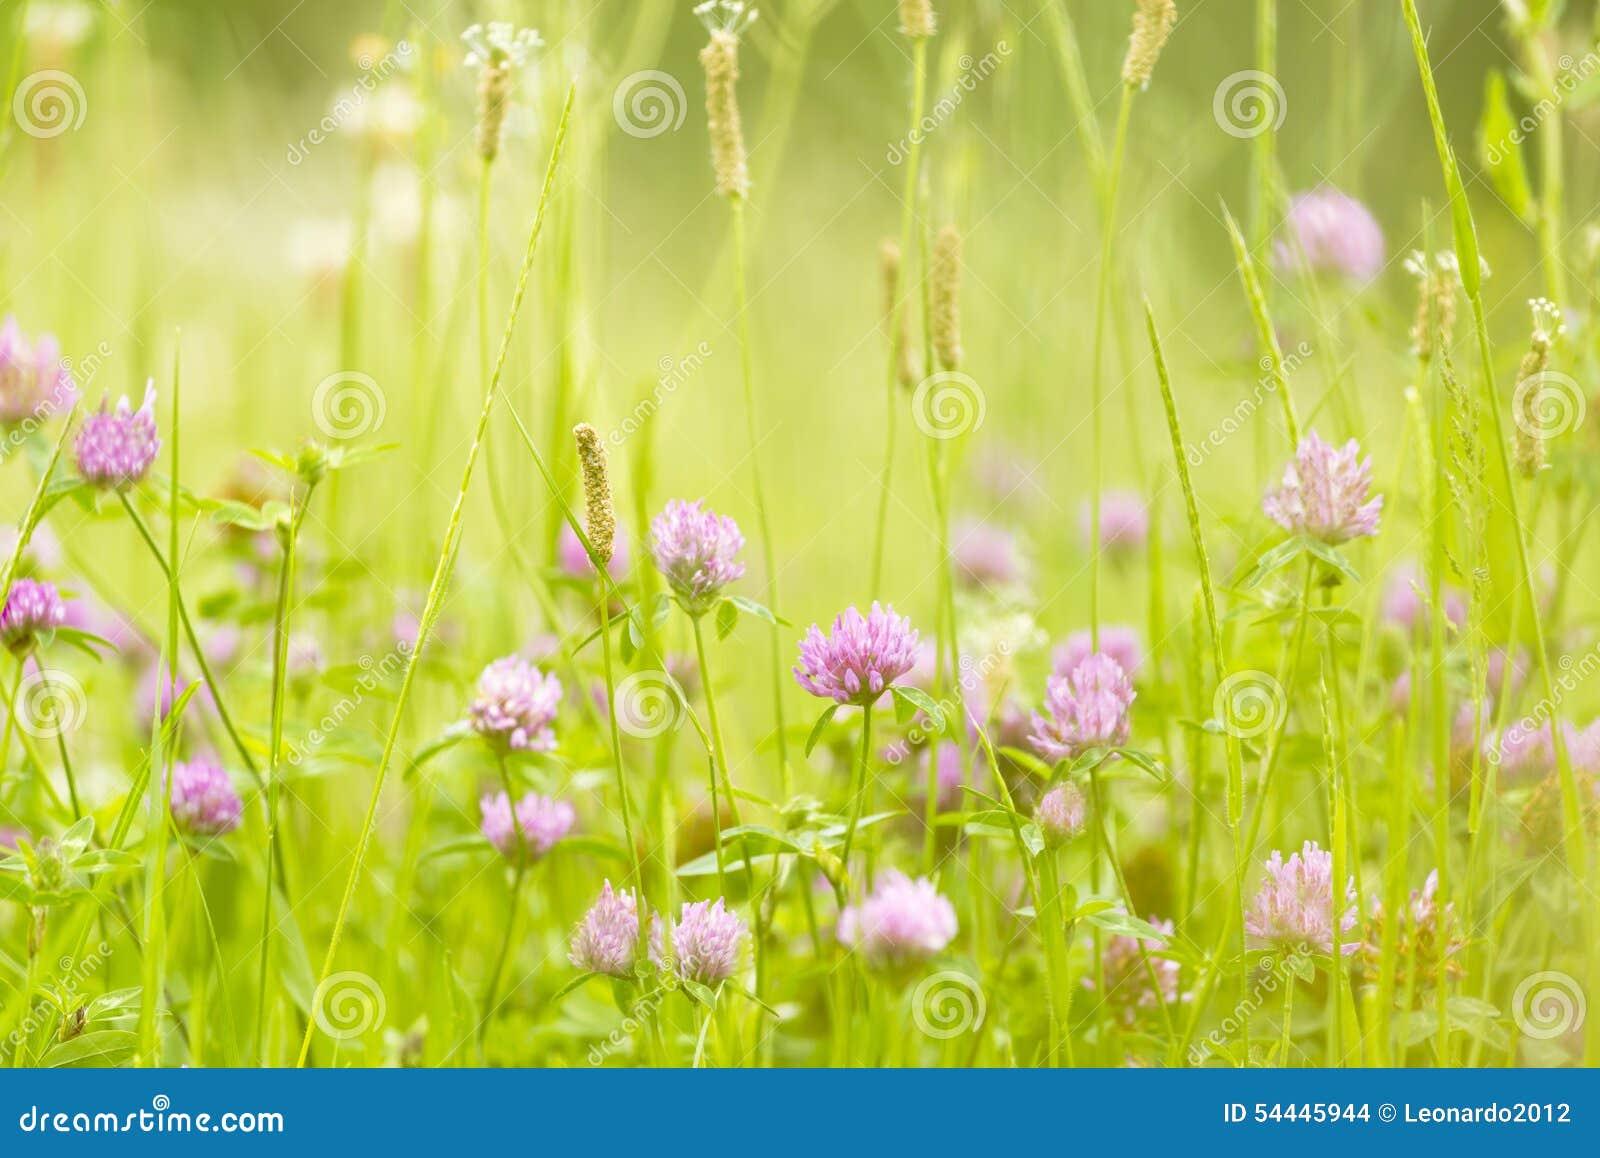 Абстрактная природа цветет весна и лето предпосылки